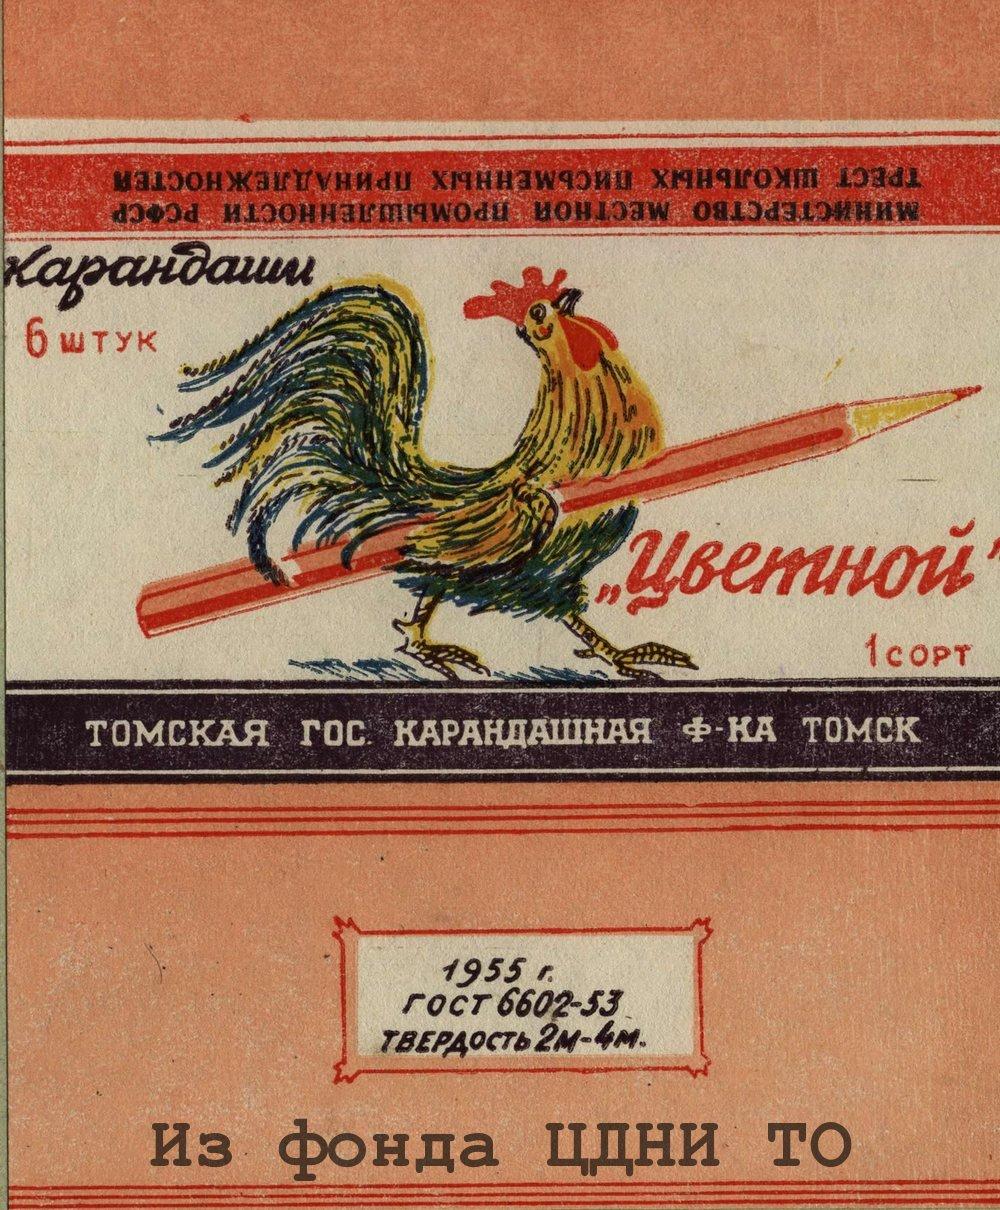 Этикетка на карандаши 'Цветной'. 1955 г. Из альбома цветной печати типографии №1 Полиграфиздата. ЦДНИ ТО. Ф. 5599. Оп. 7. Д. 1а.